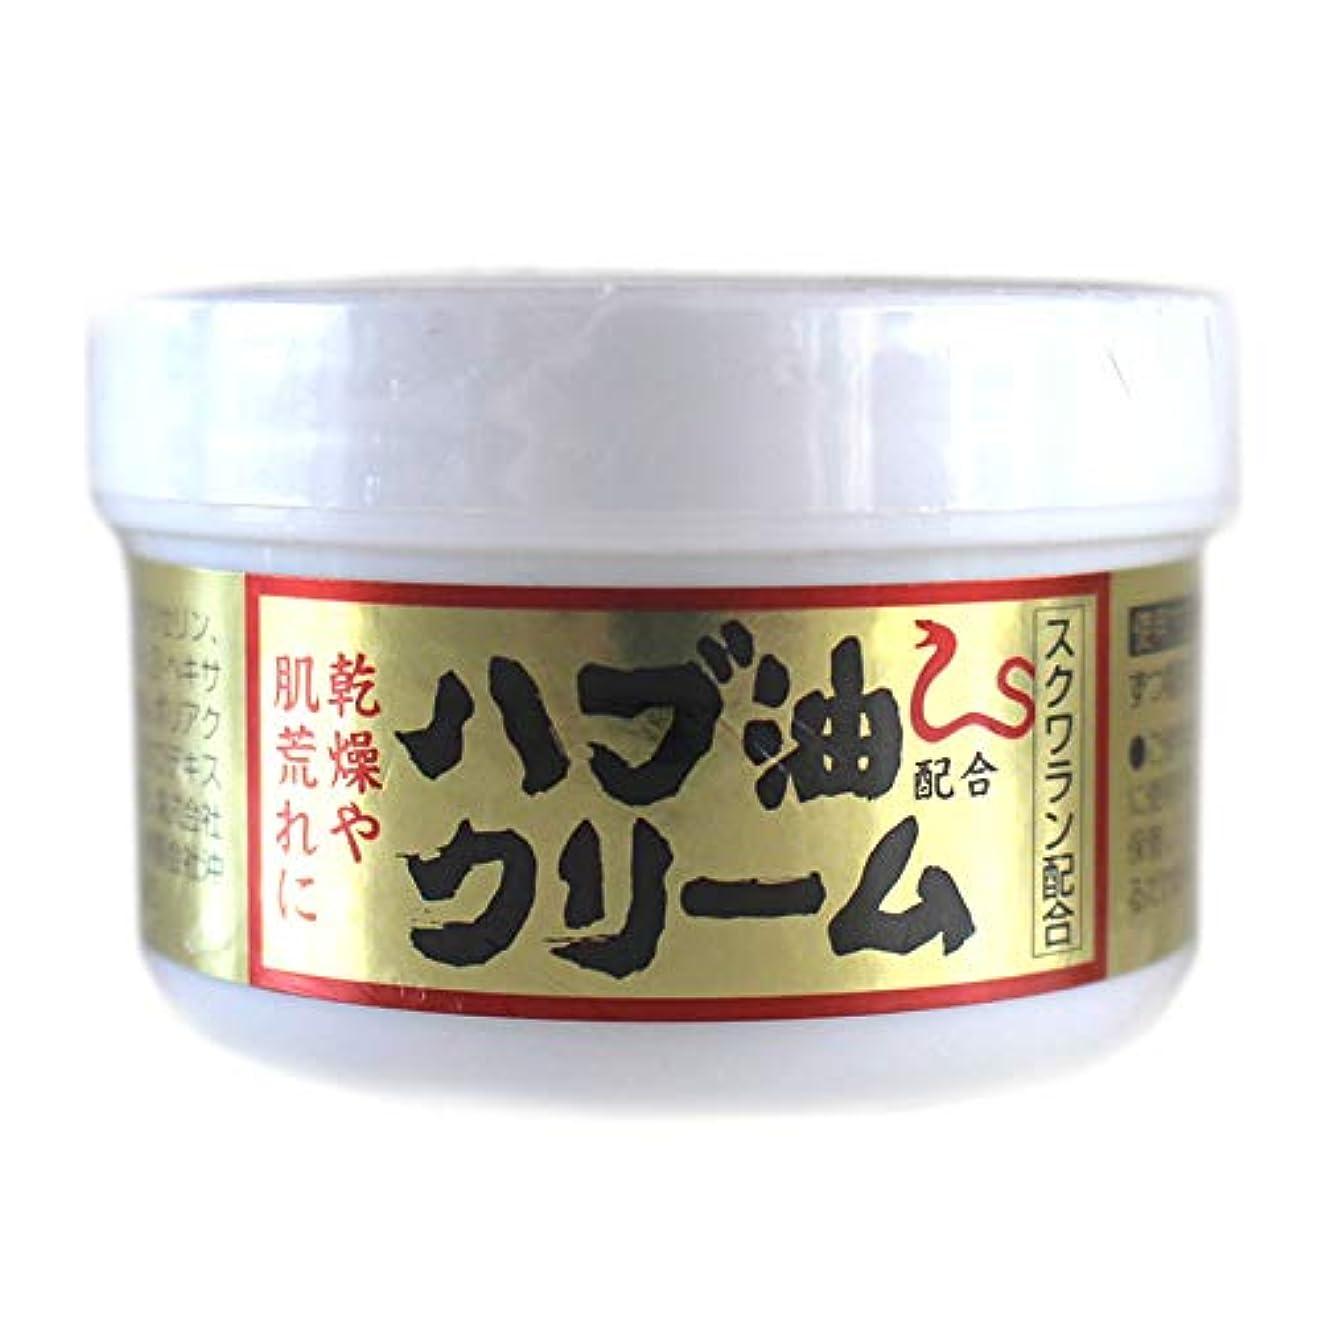 ハブ油配合クリーム 2個【1個?50g】